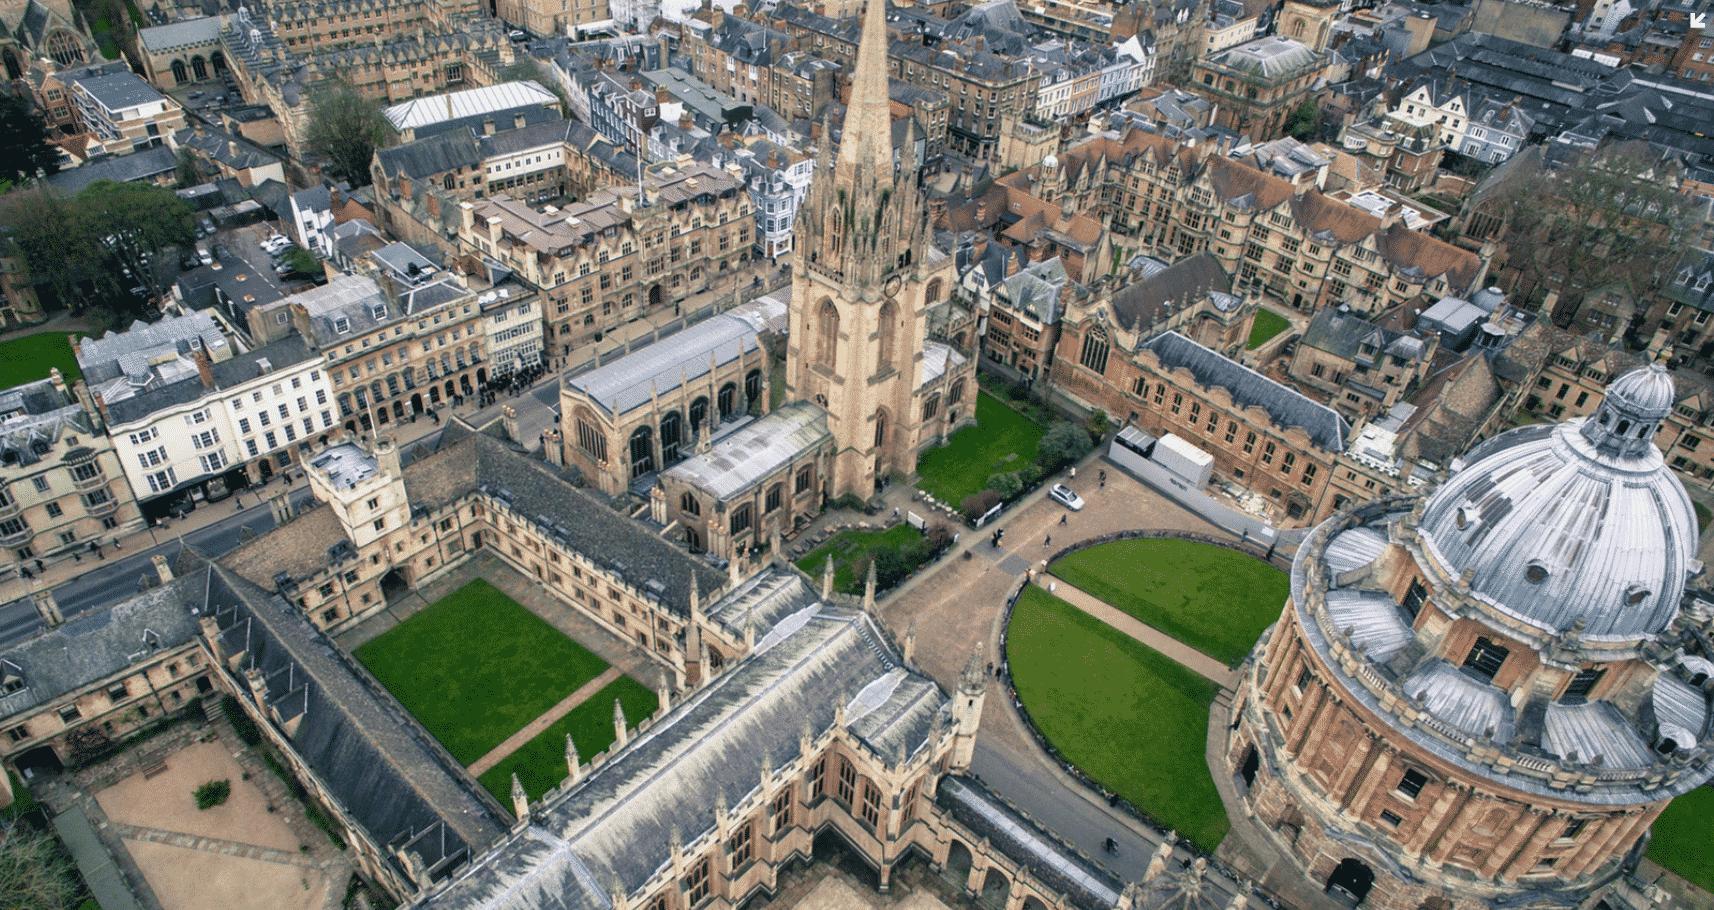 Oxford in UK